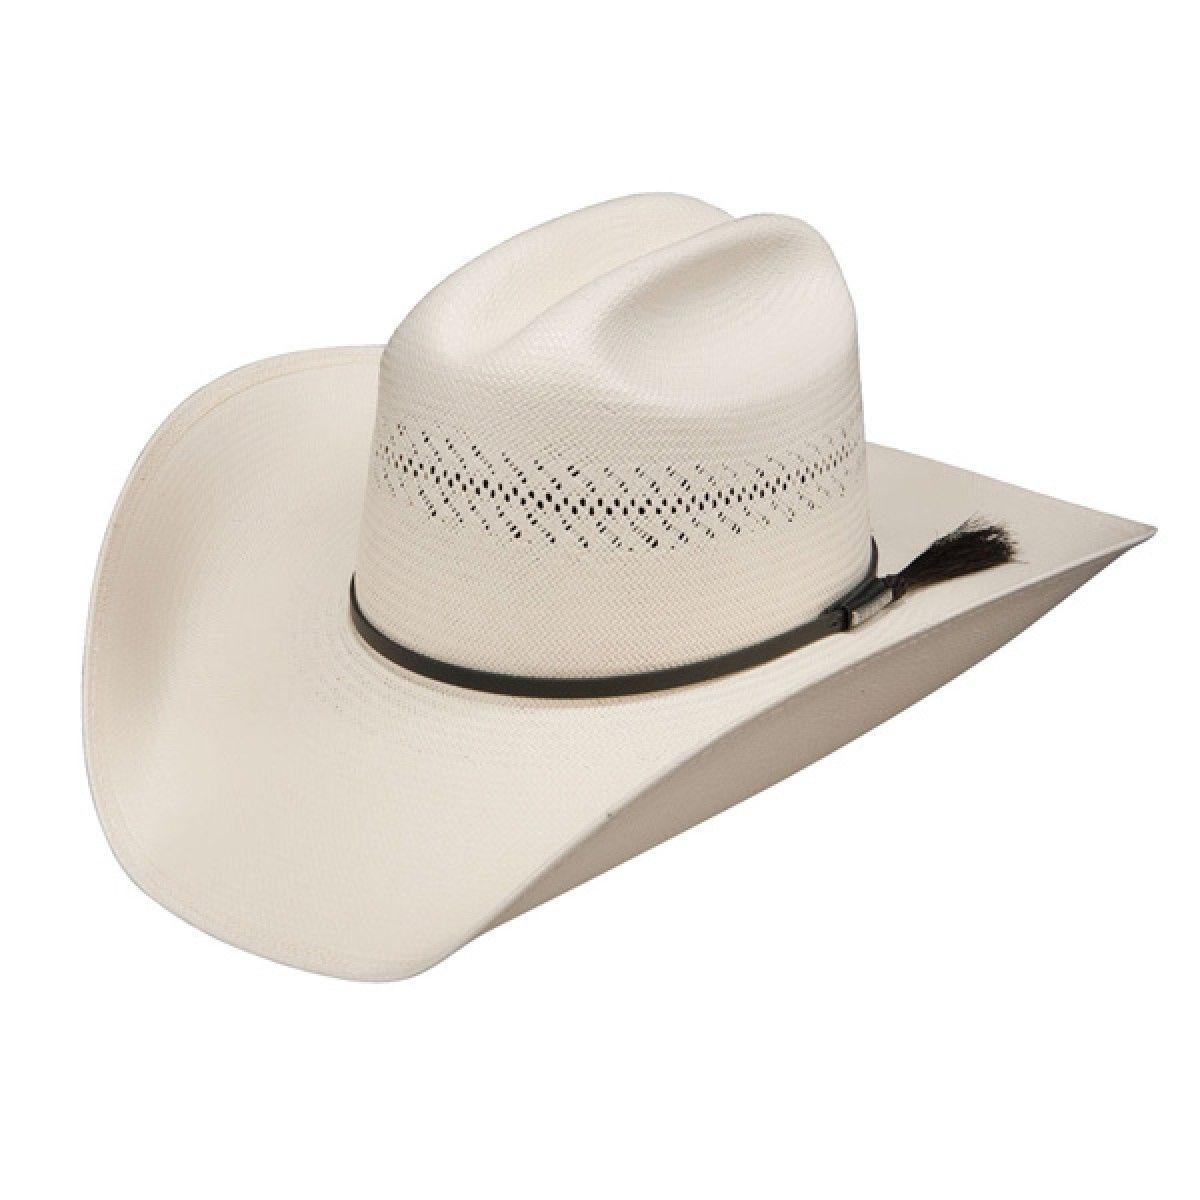 51a0f6f3ef97f Stetson Rankin - (10X) Straw Cowboy Hat